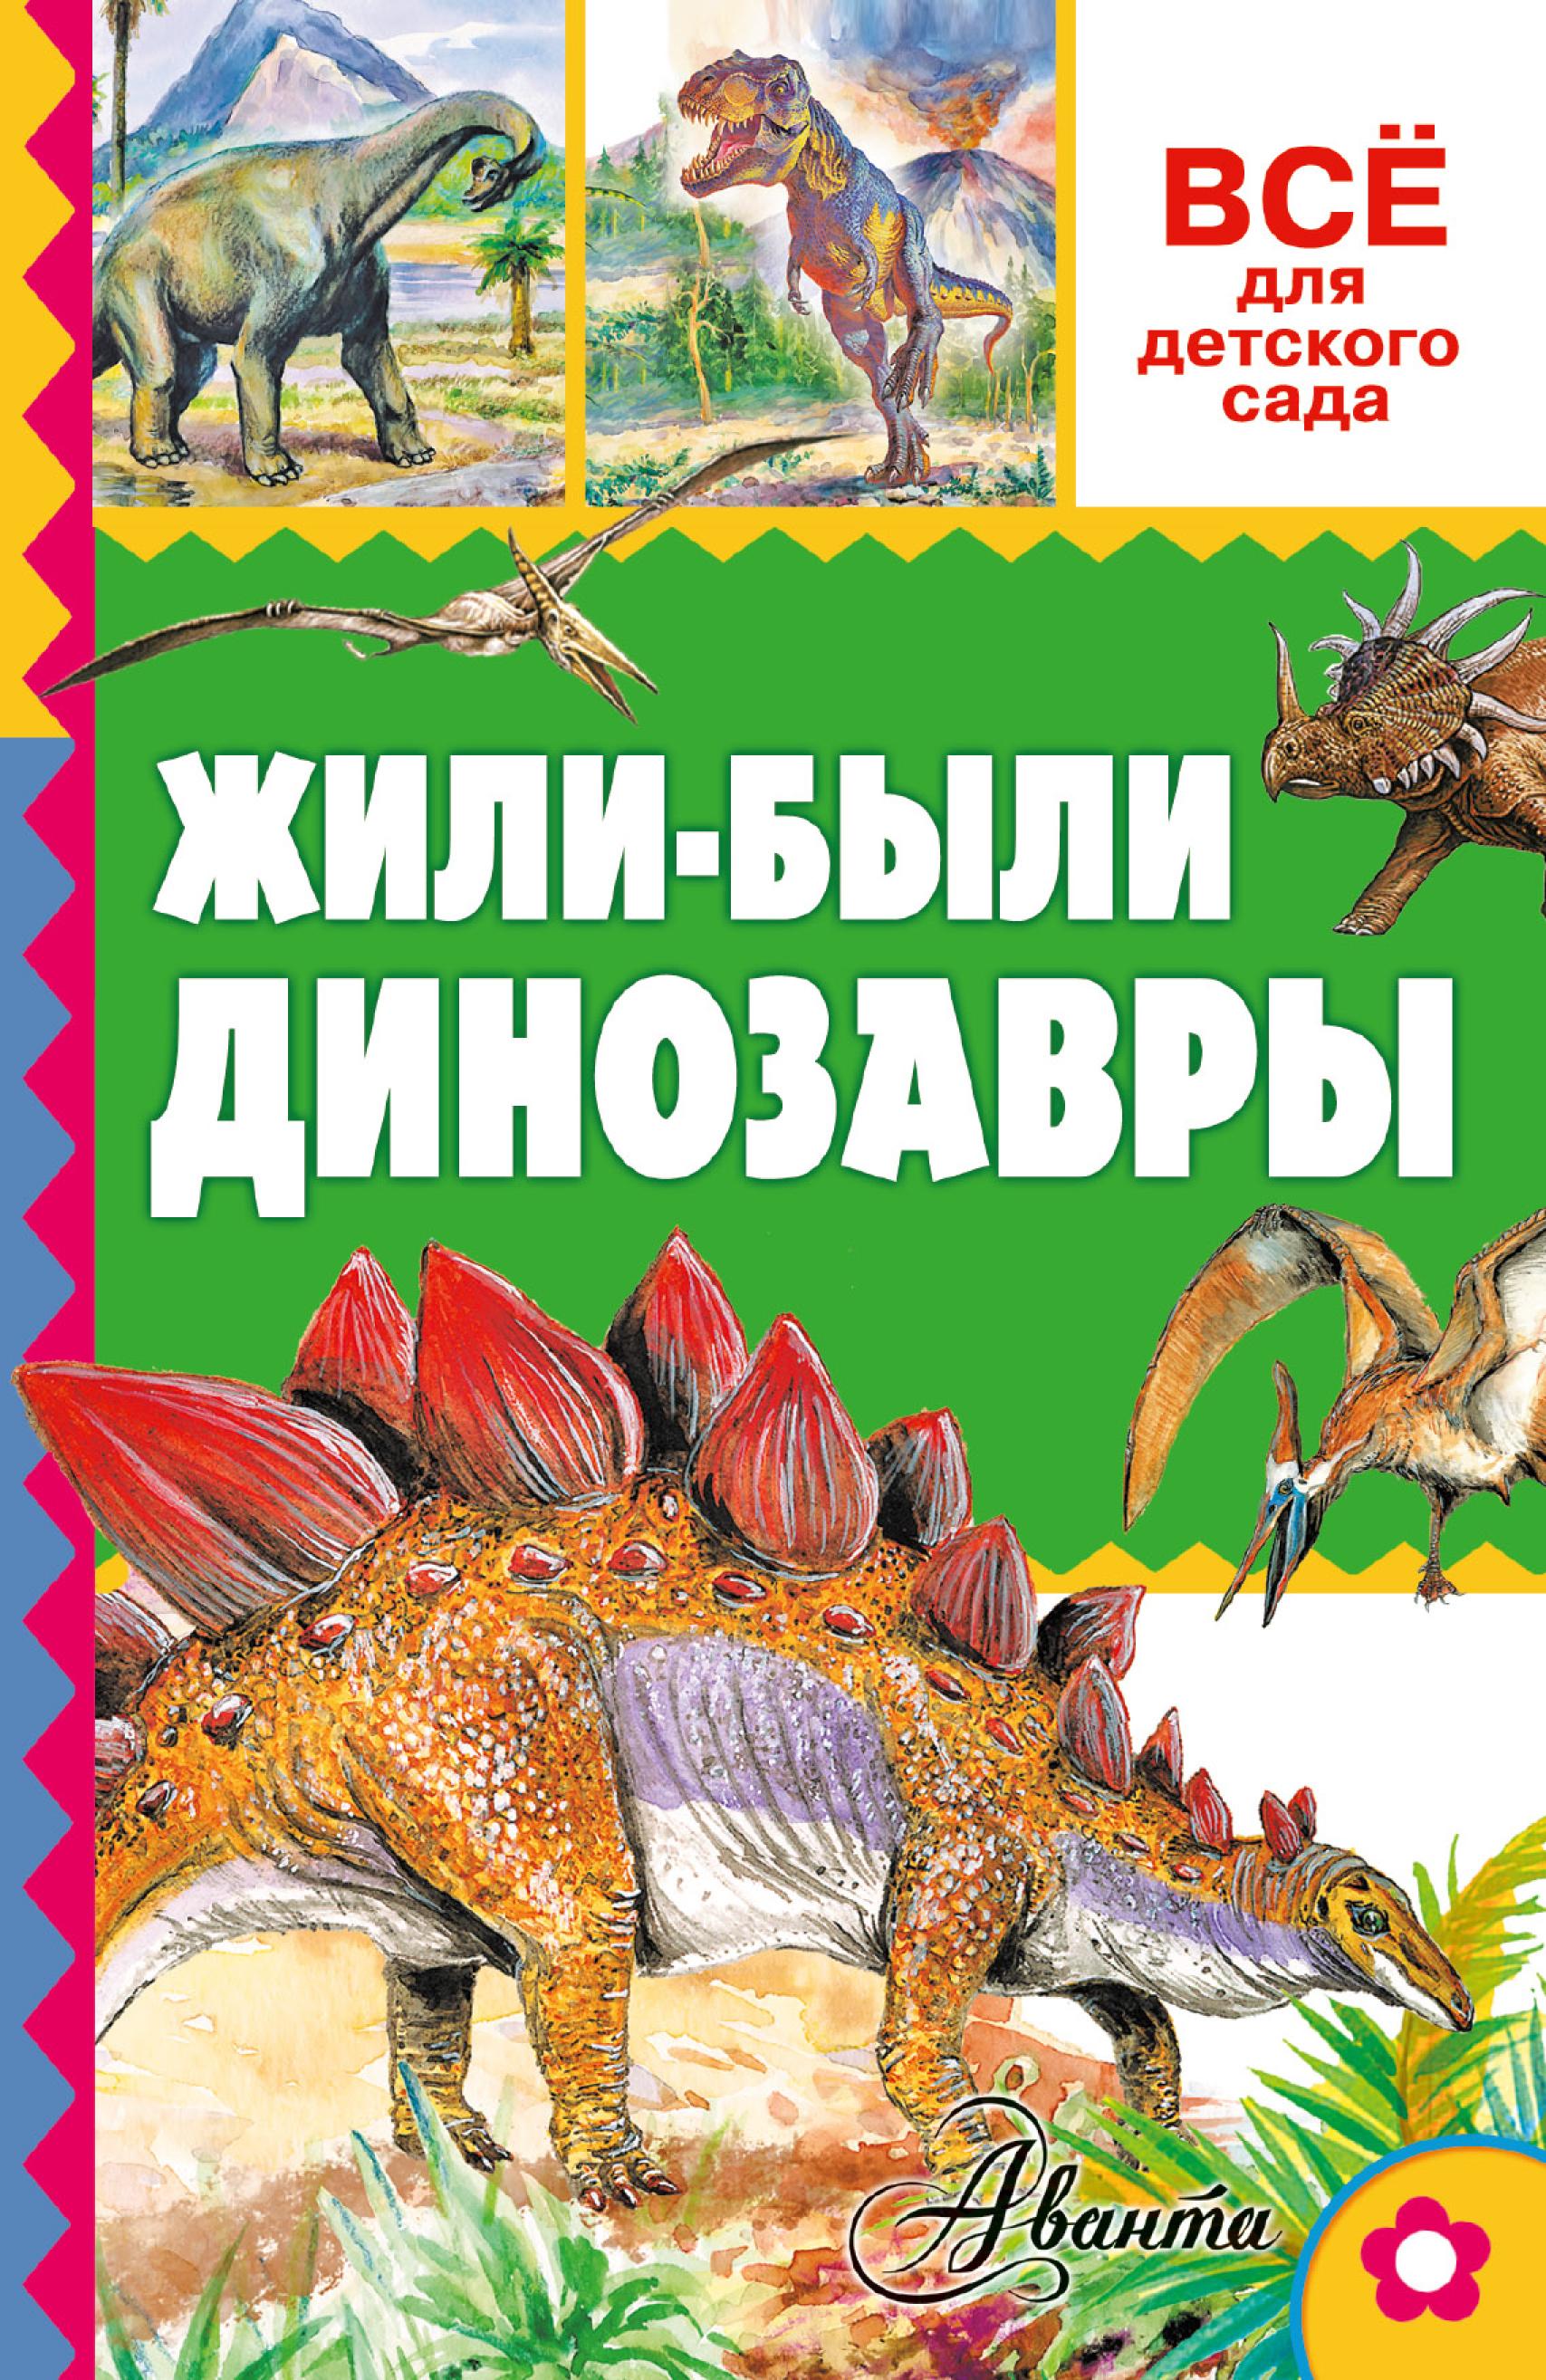 А. В. Тихонов Жили-были динозавры энциклопедии росмэн энциклопедия для детского сада собаки и щенки